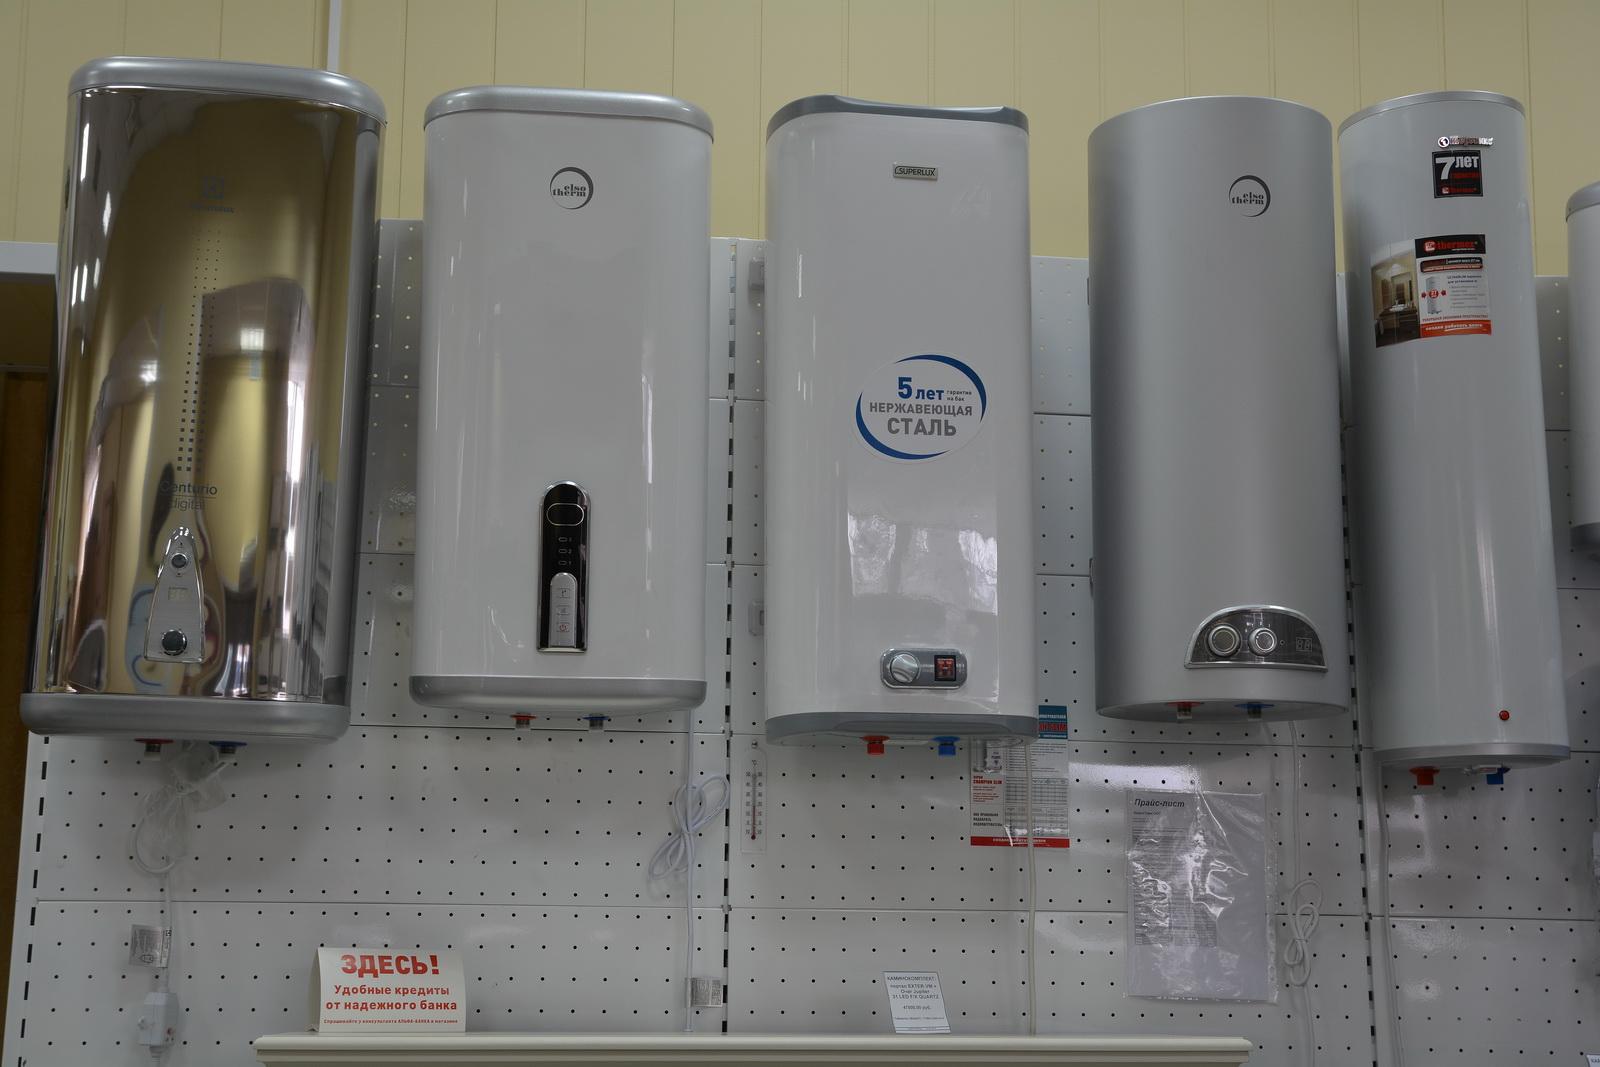 Электрические бойлеры на витрине магазина.